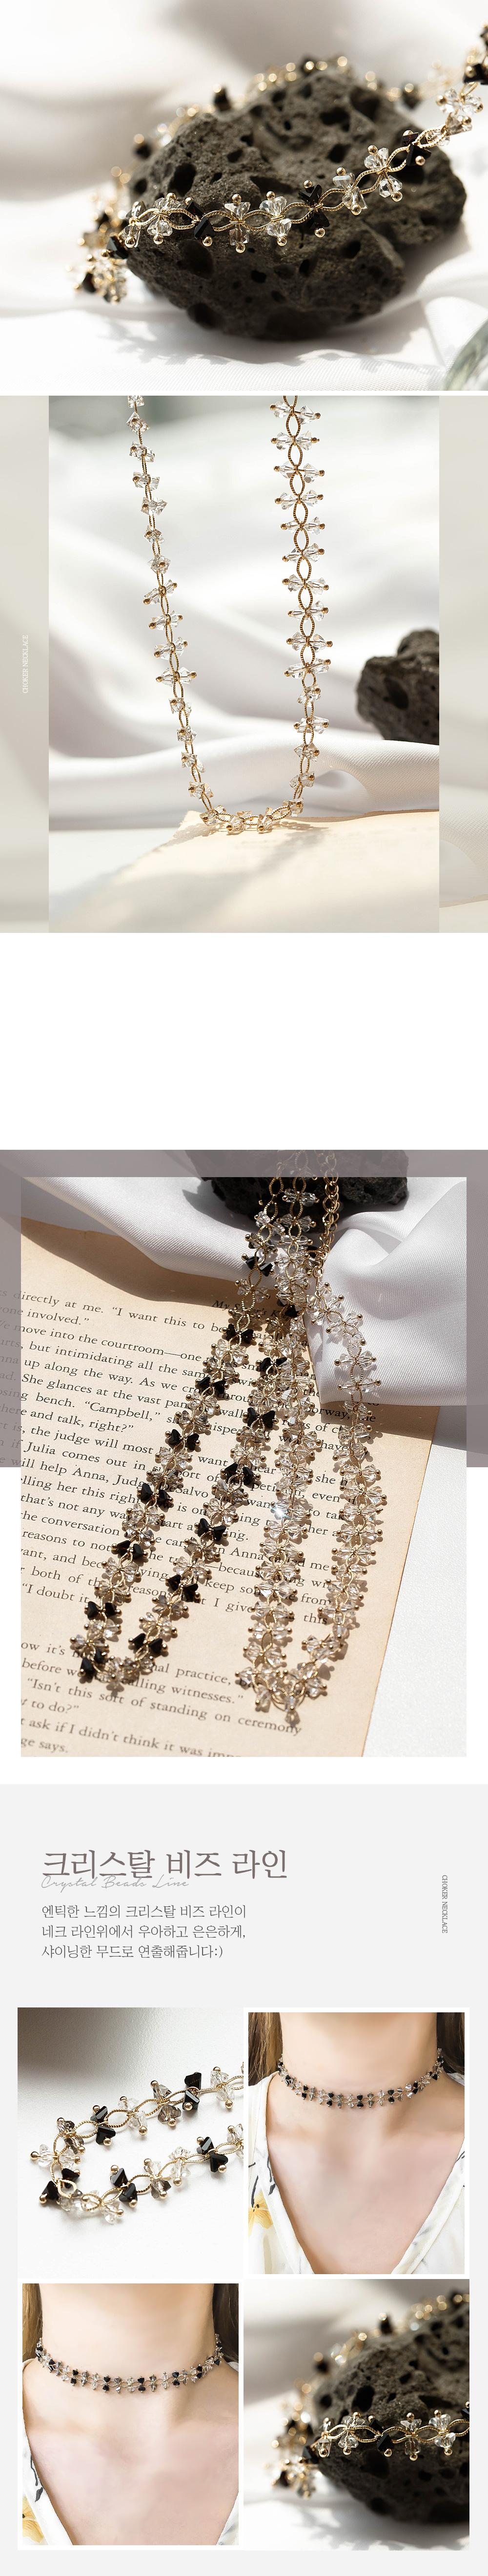 베르디 비즈 초커 목걸이 - 폭스타일, 16,000원, 패션, 패션목걸이